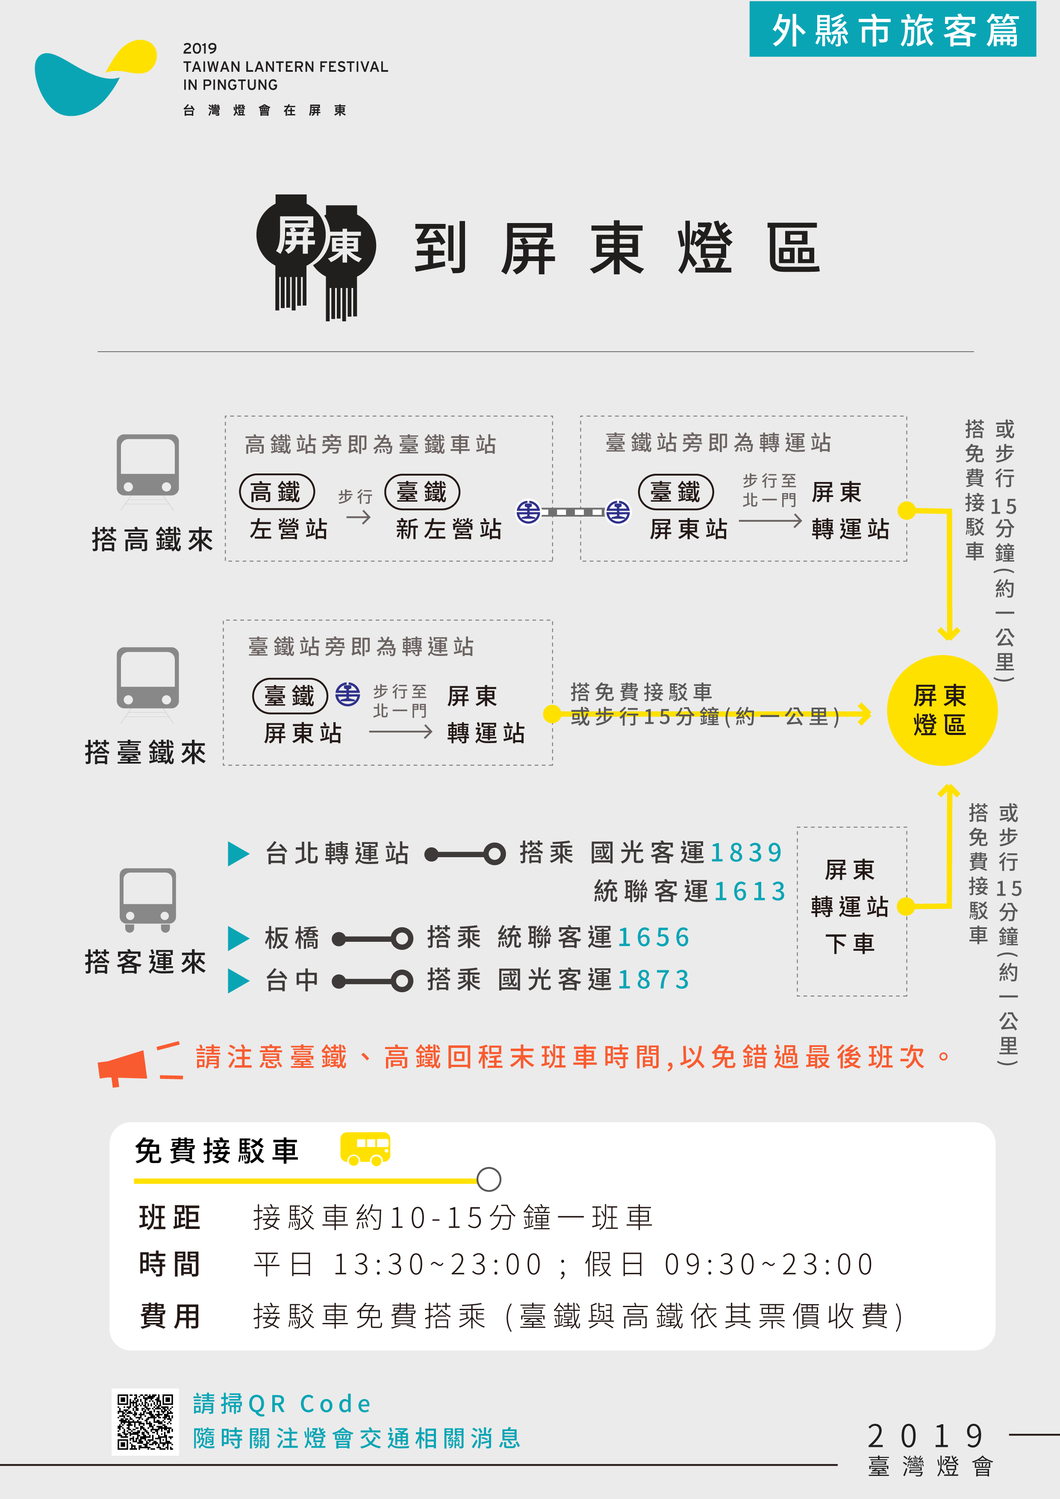 高鐵、客運、自行開車到屏東燈區懶人包圖:屏東縣政府/提供